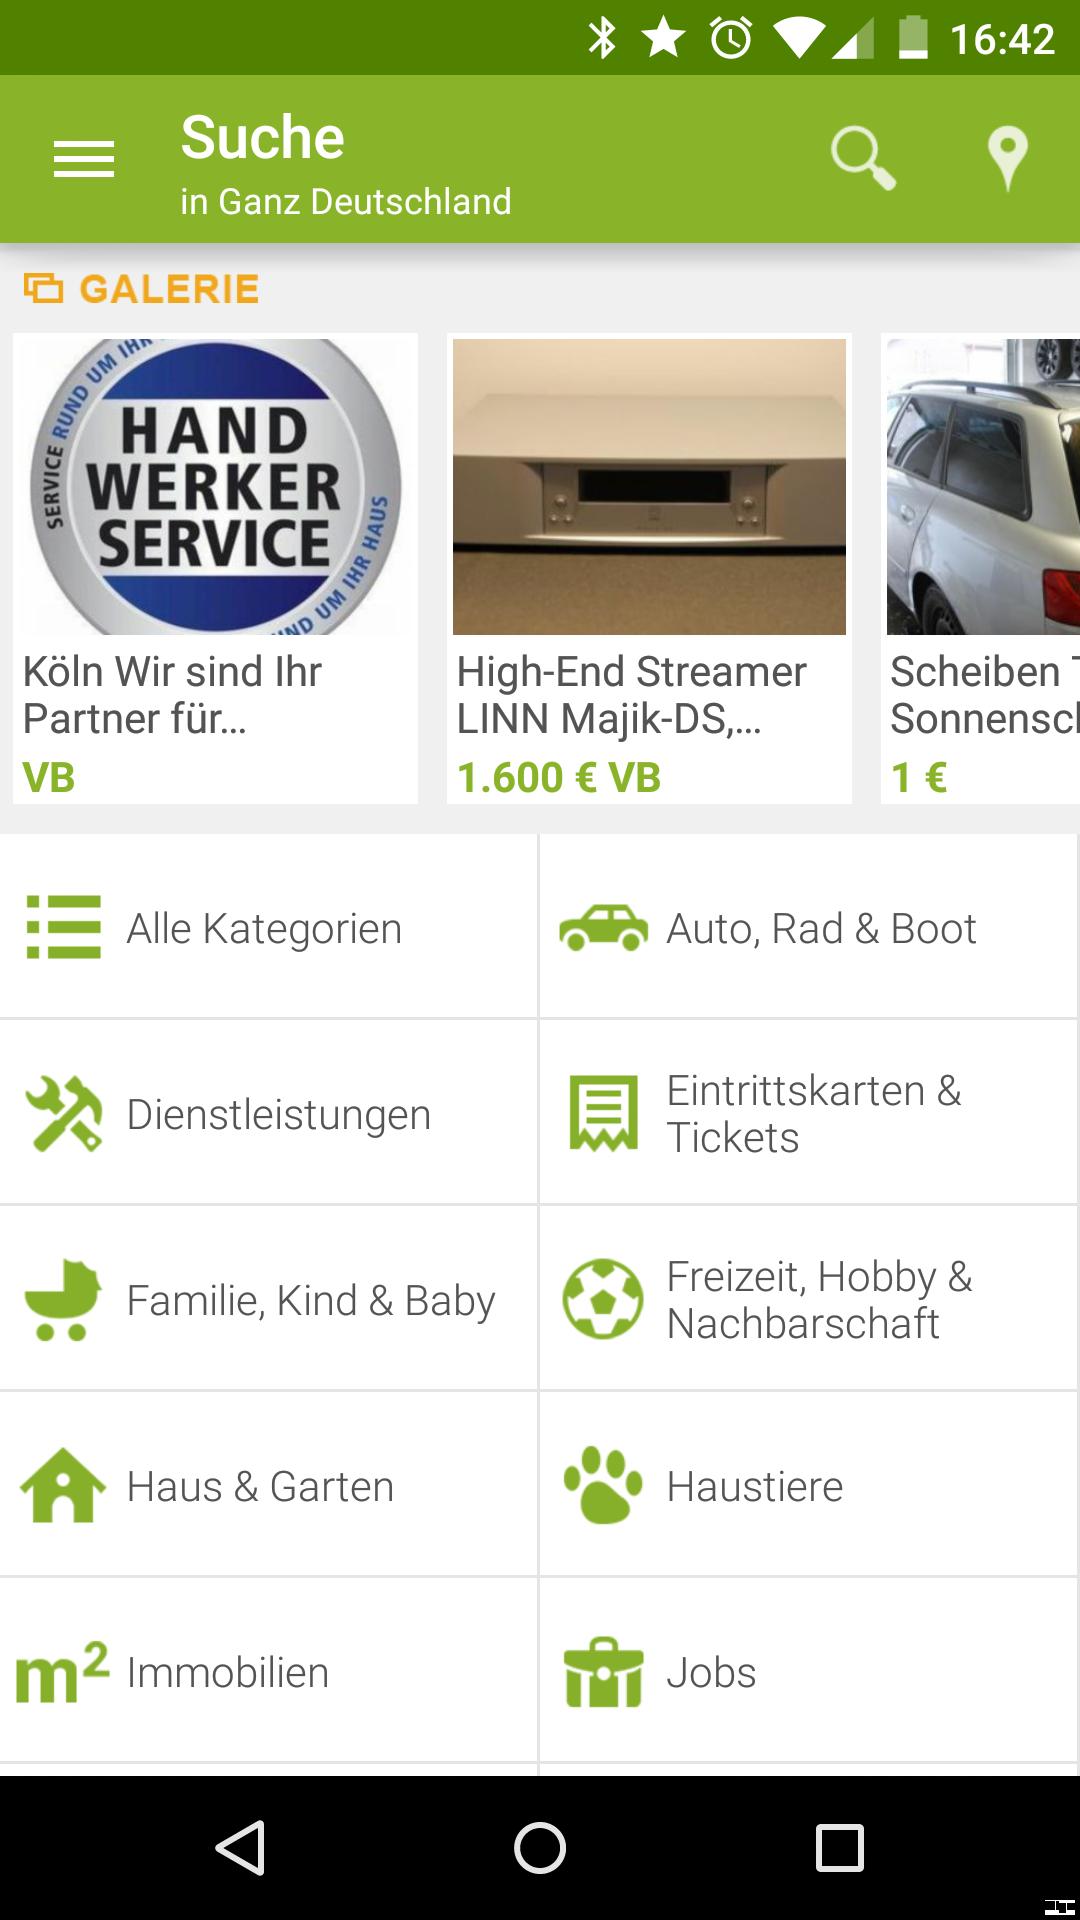 ebay kleinanzeigen android app zum digitaltr delmarkt im test giga. Black Bedroom Furniture Sets. Home Design Ideas